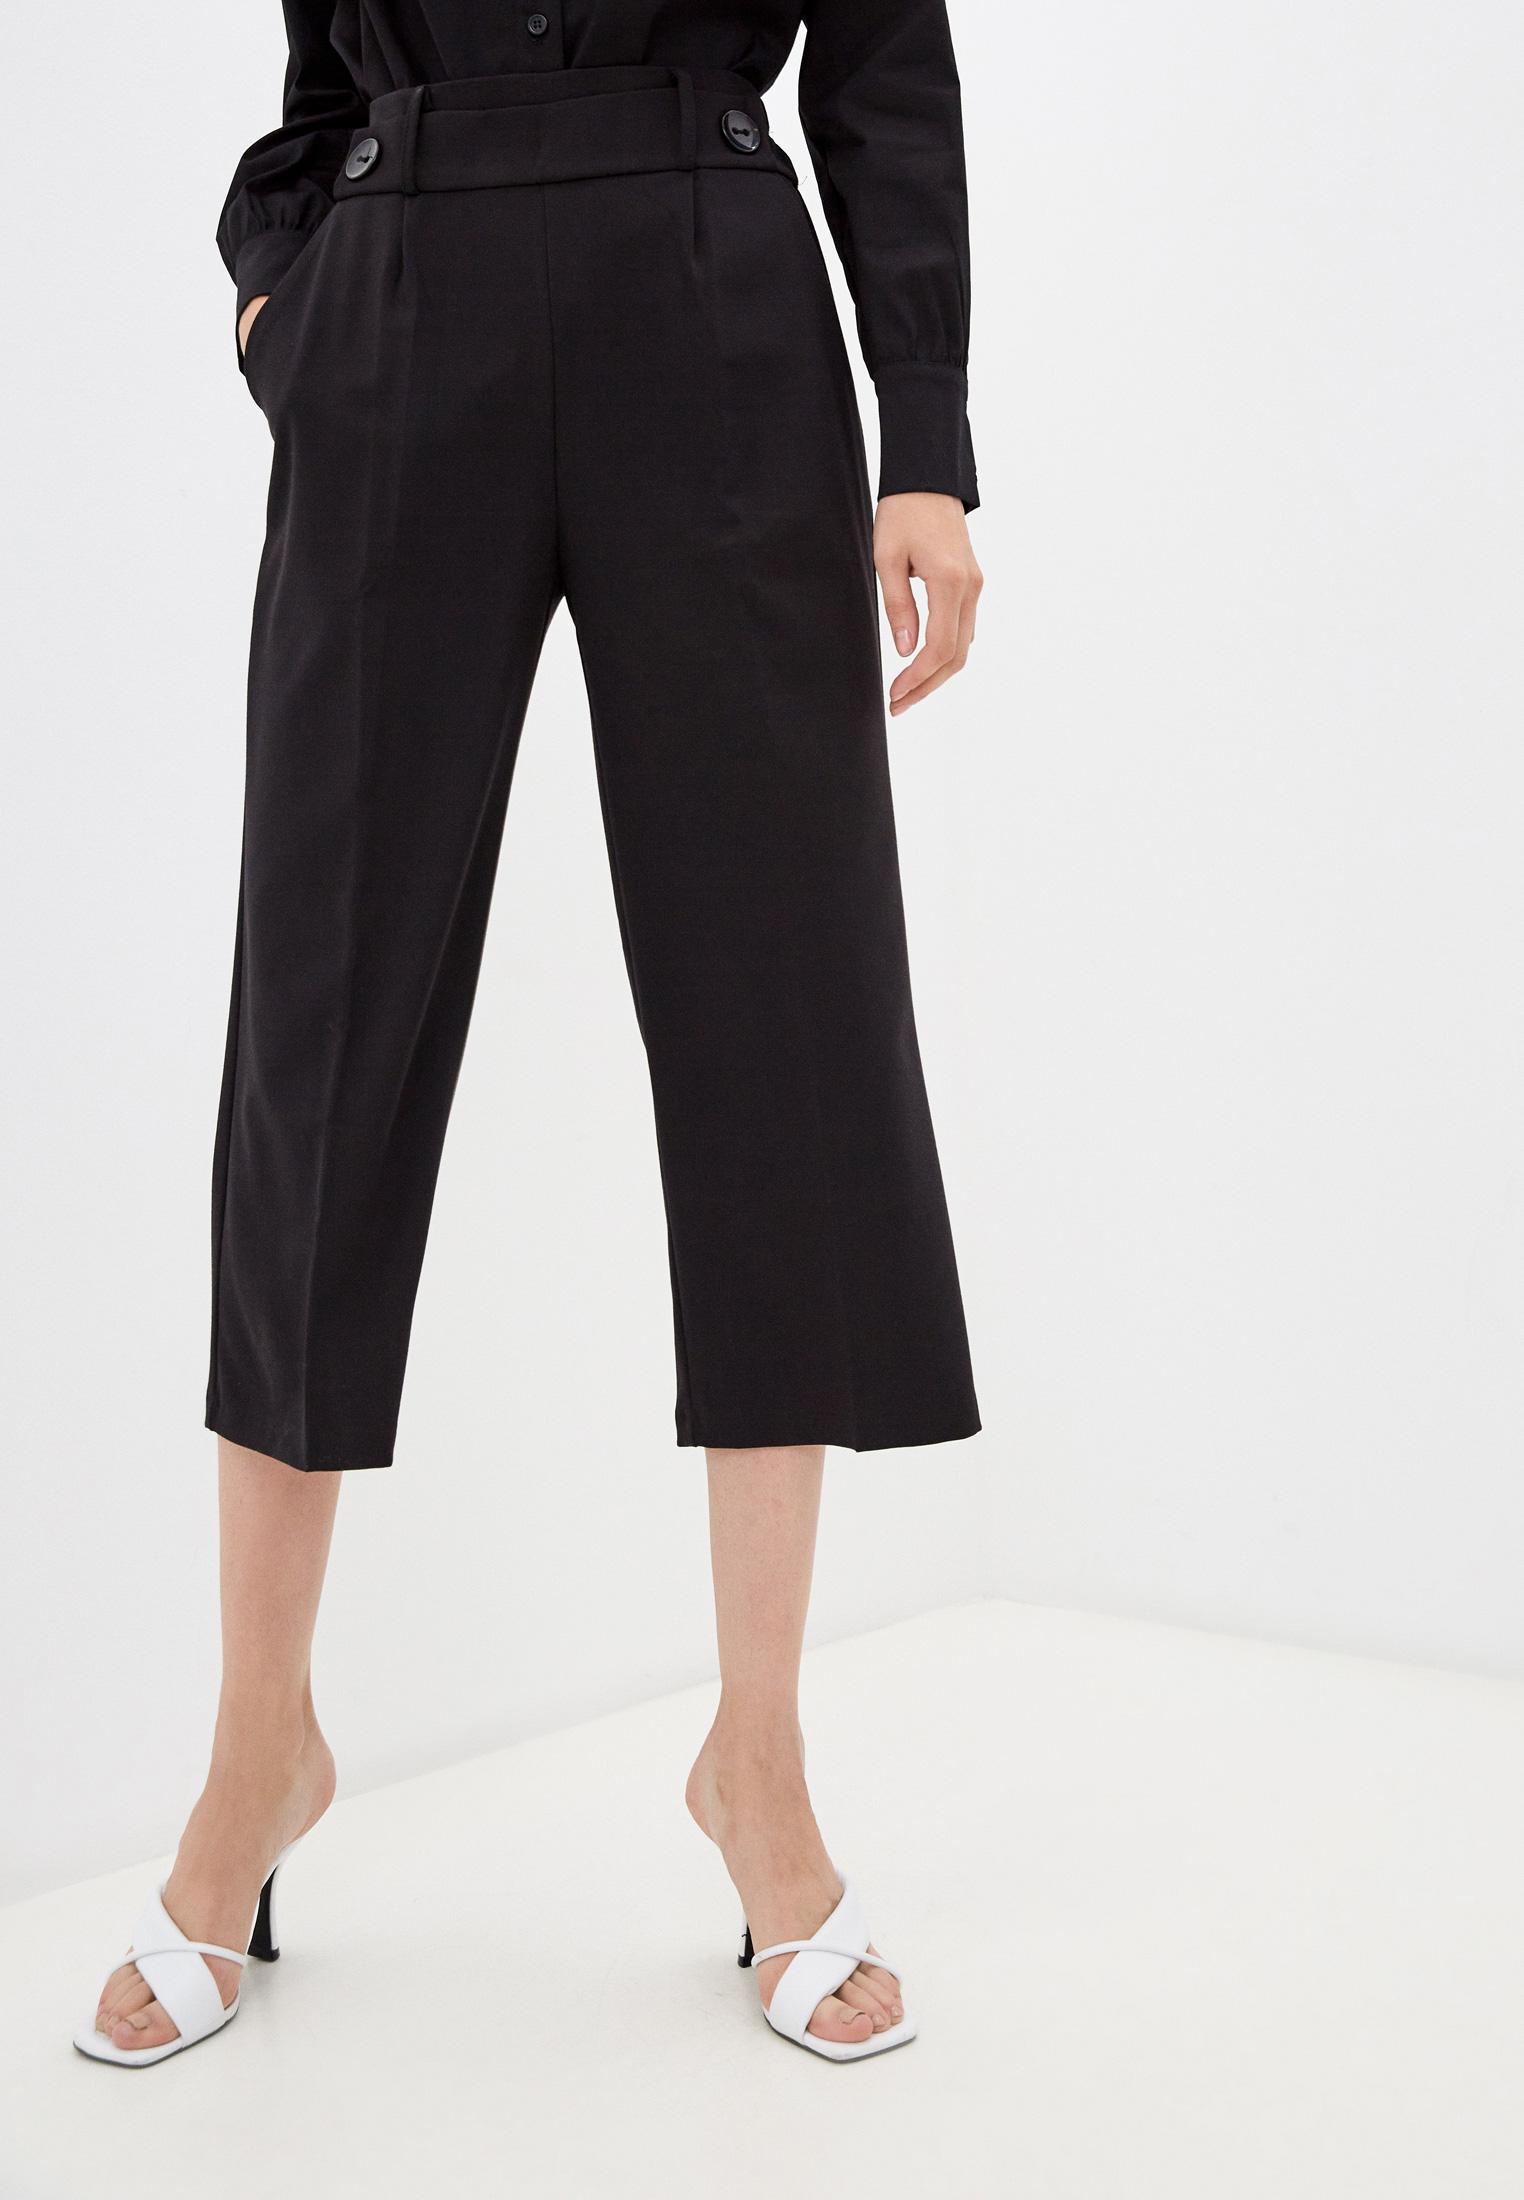 Женские широкие и расклешенные брюки Rinascimento Брюки Rinascimento